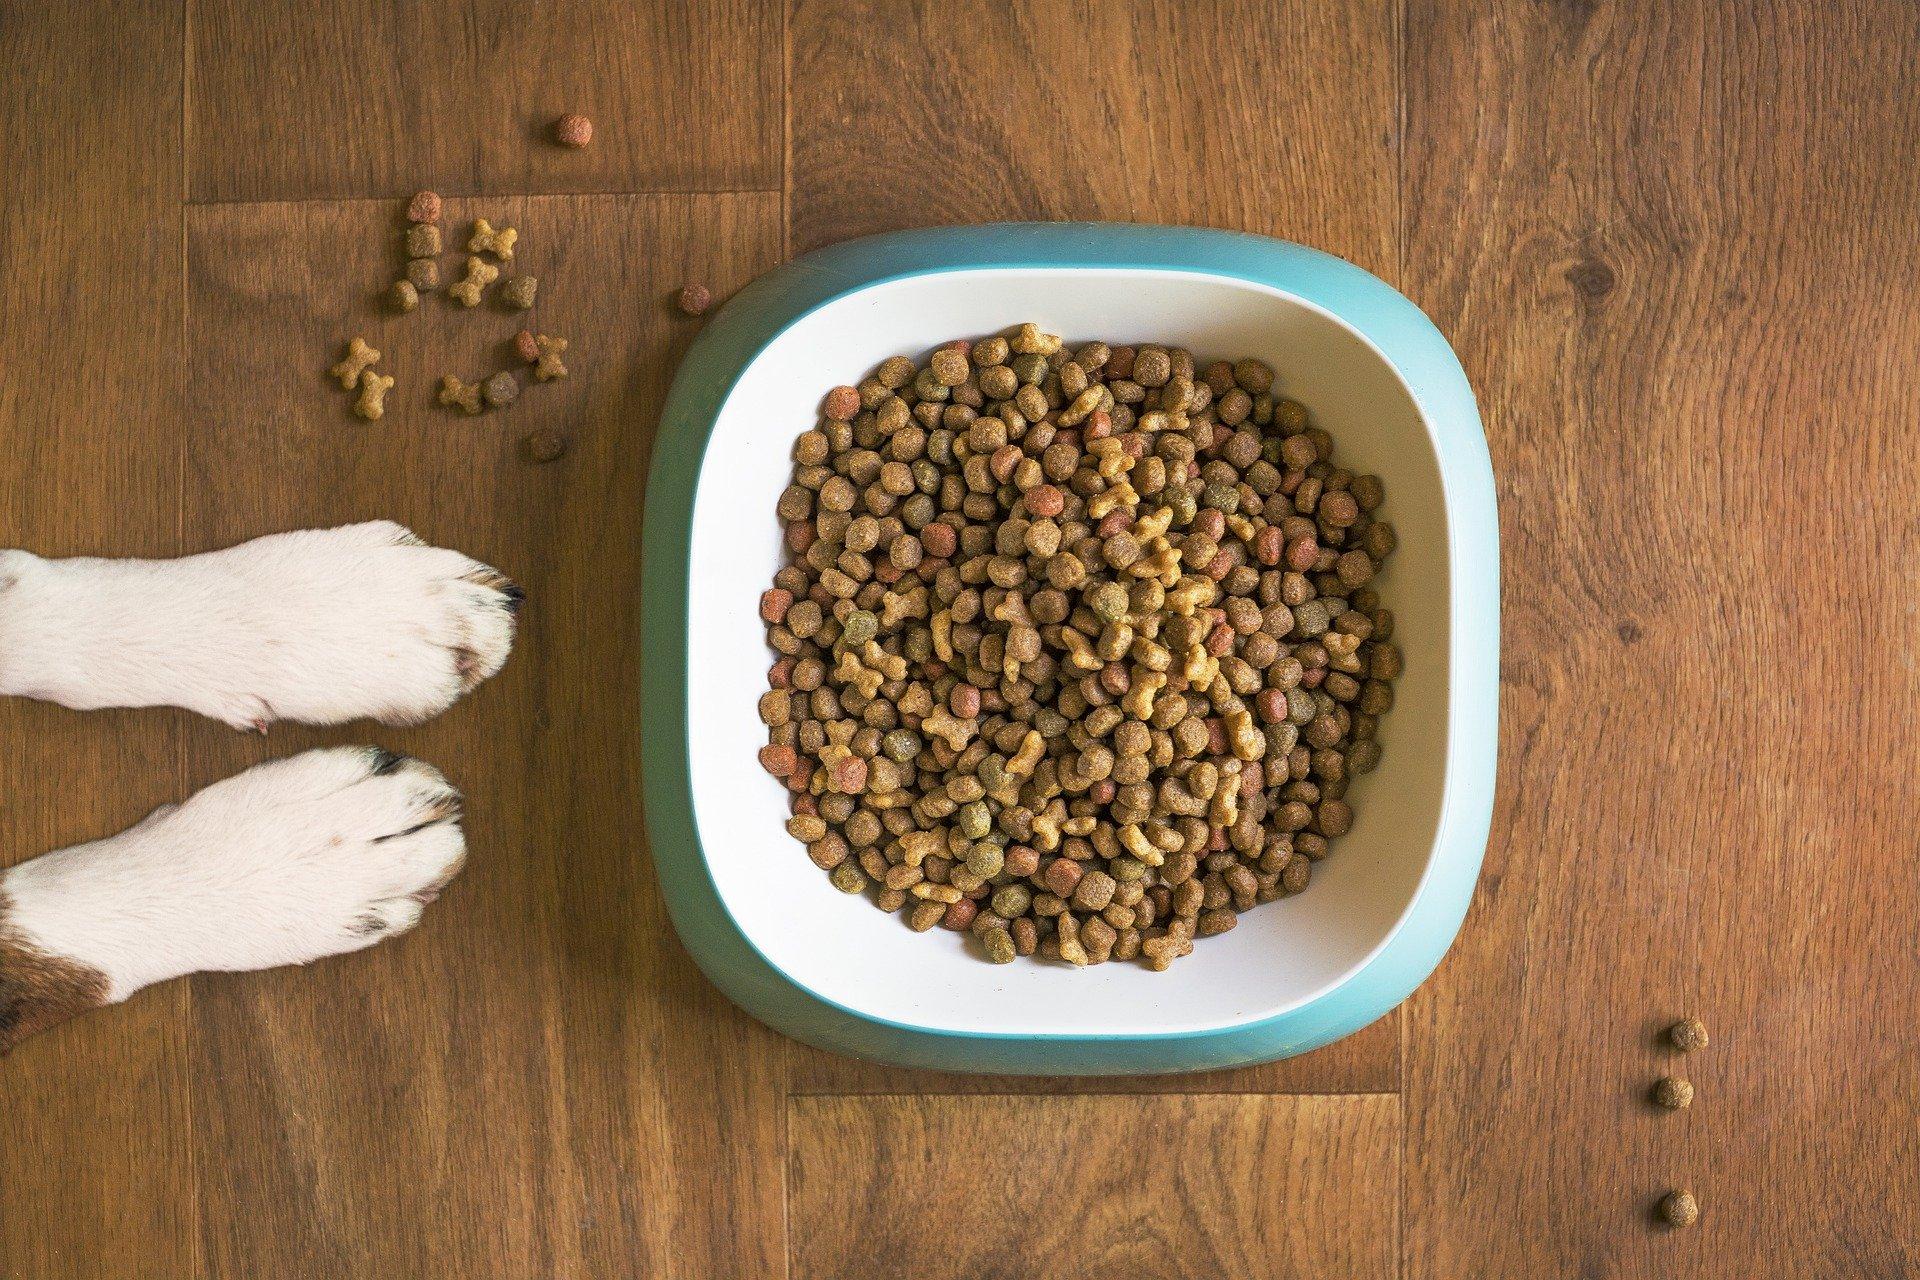 O que cachorro come? Ração!